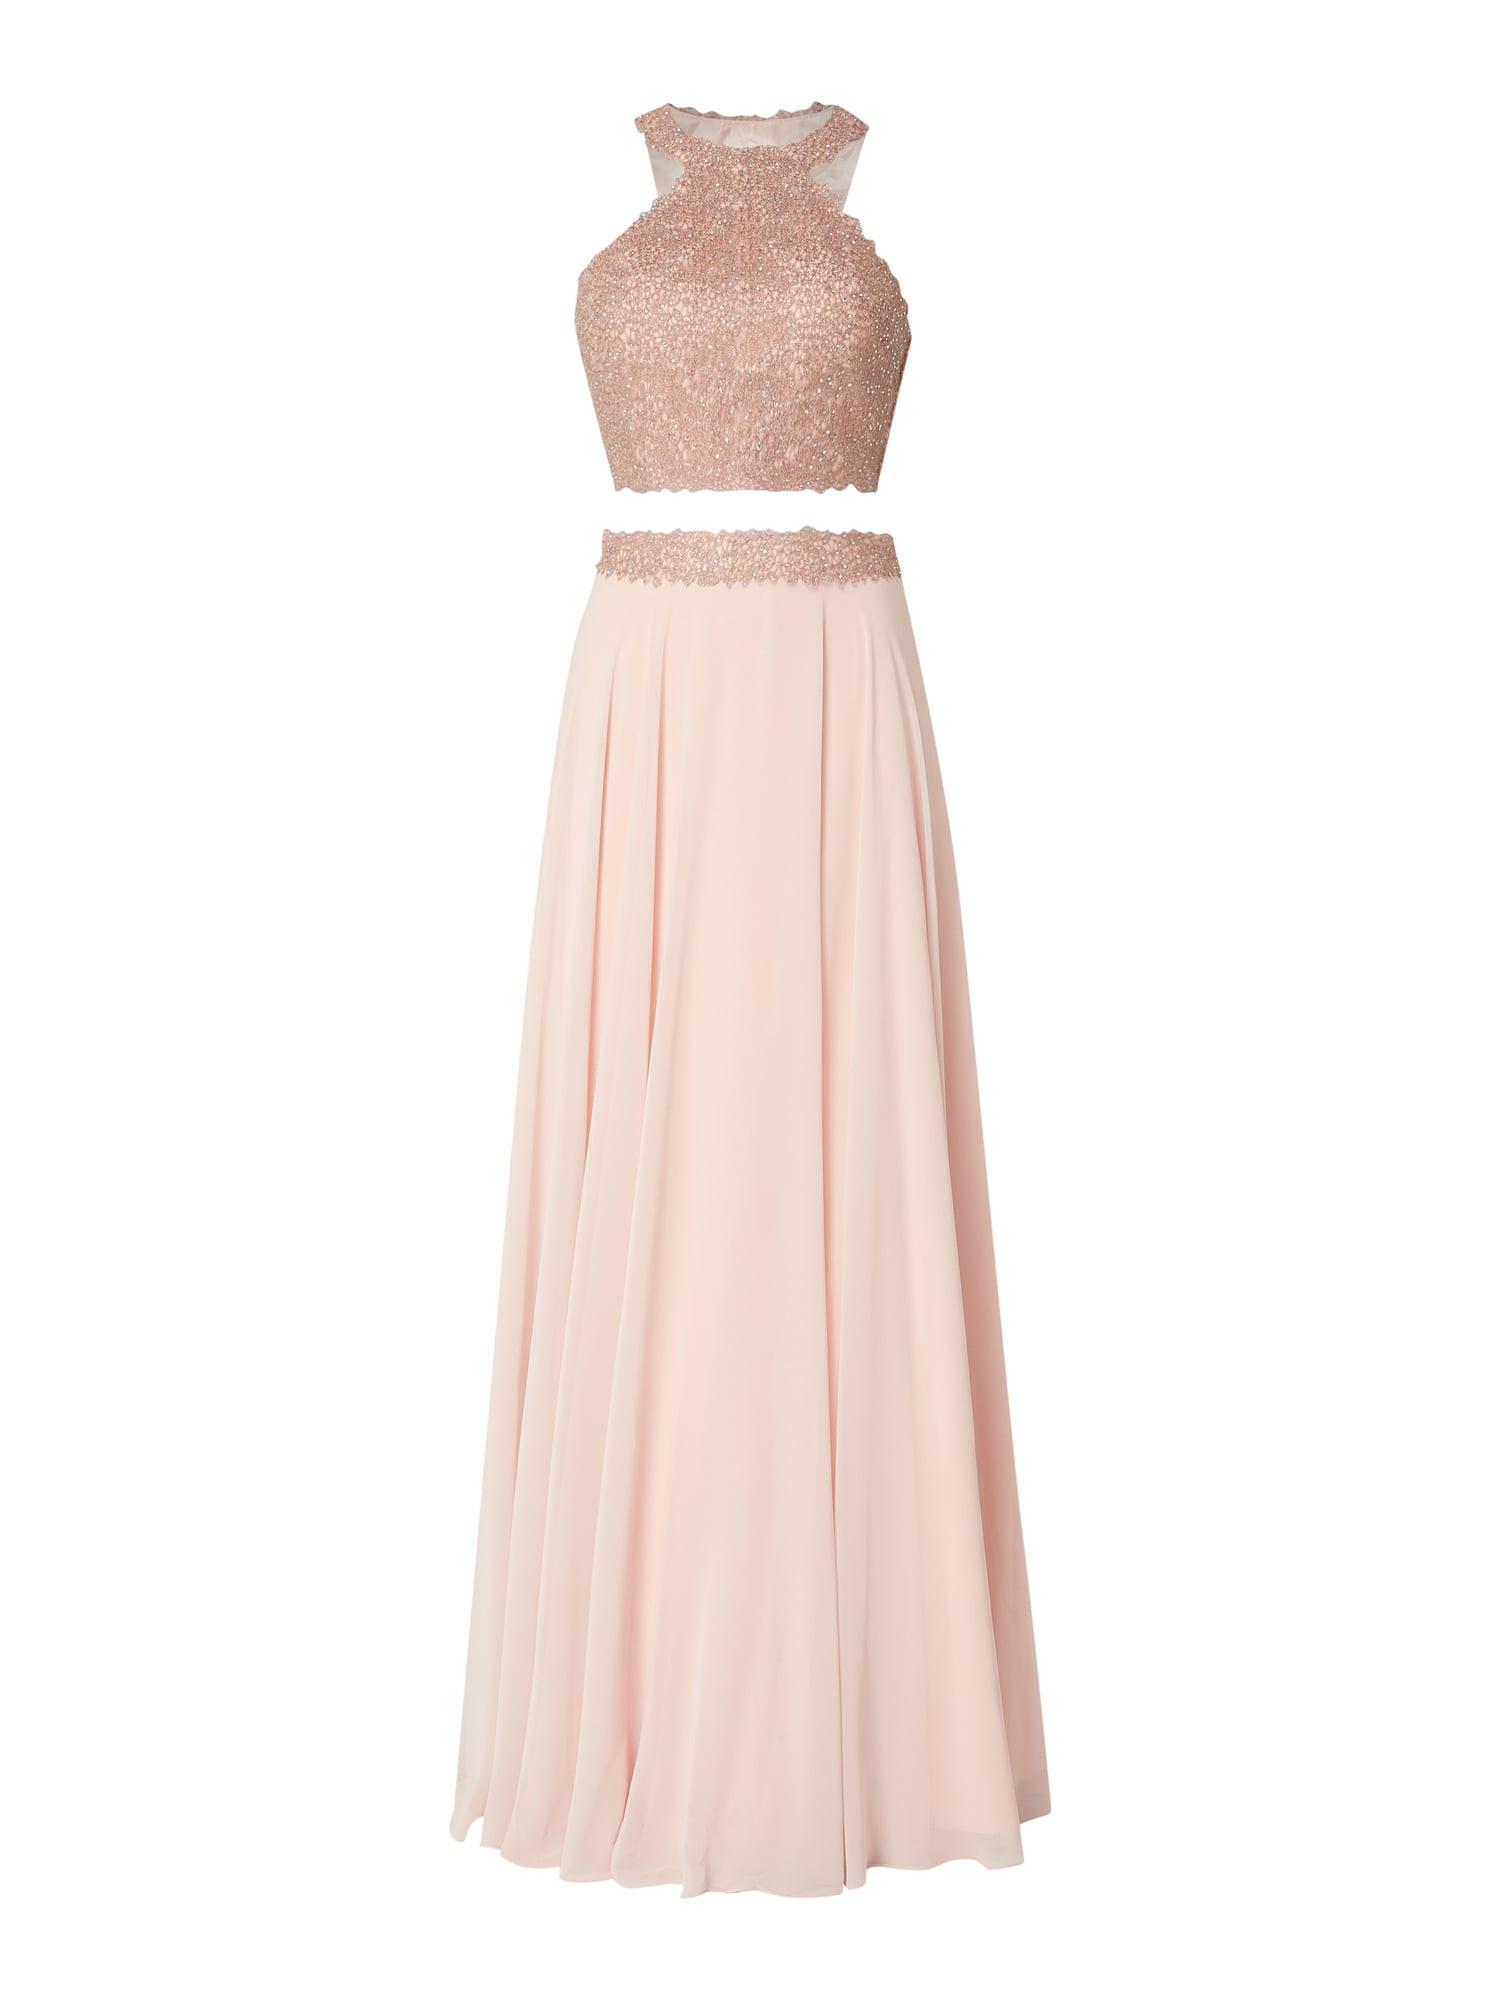 Luxus P&C Abend Kleid Galerie20 Ausgezeichnet P&C Abend Kleid Vertrieb